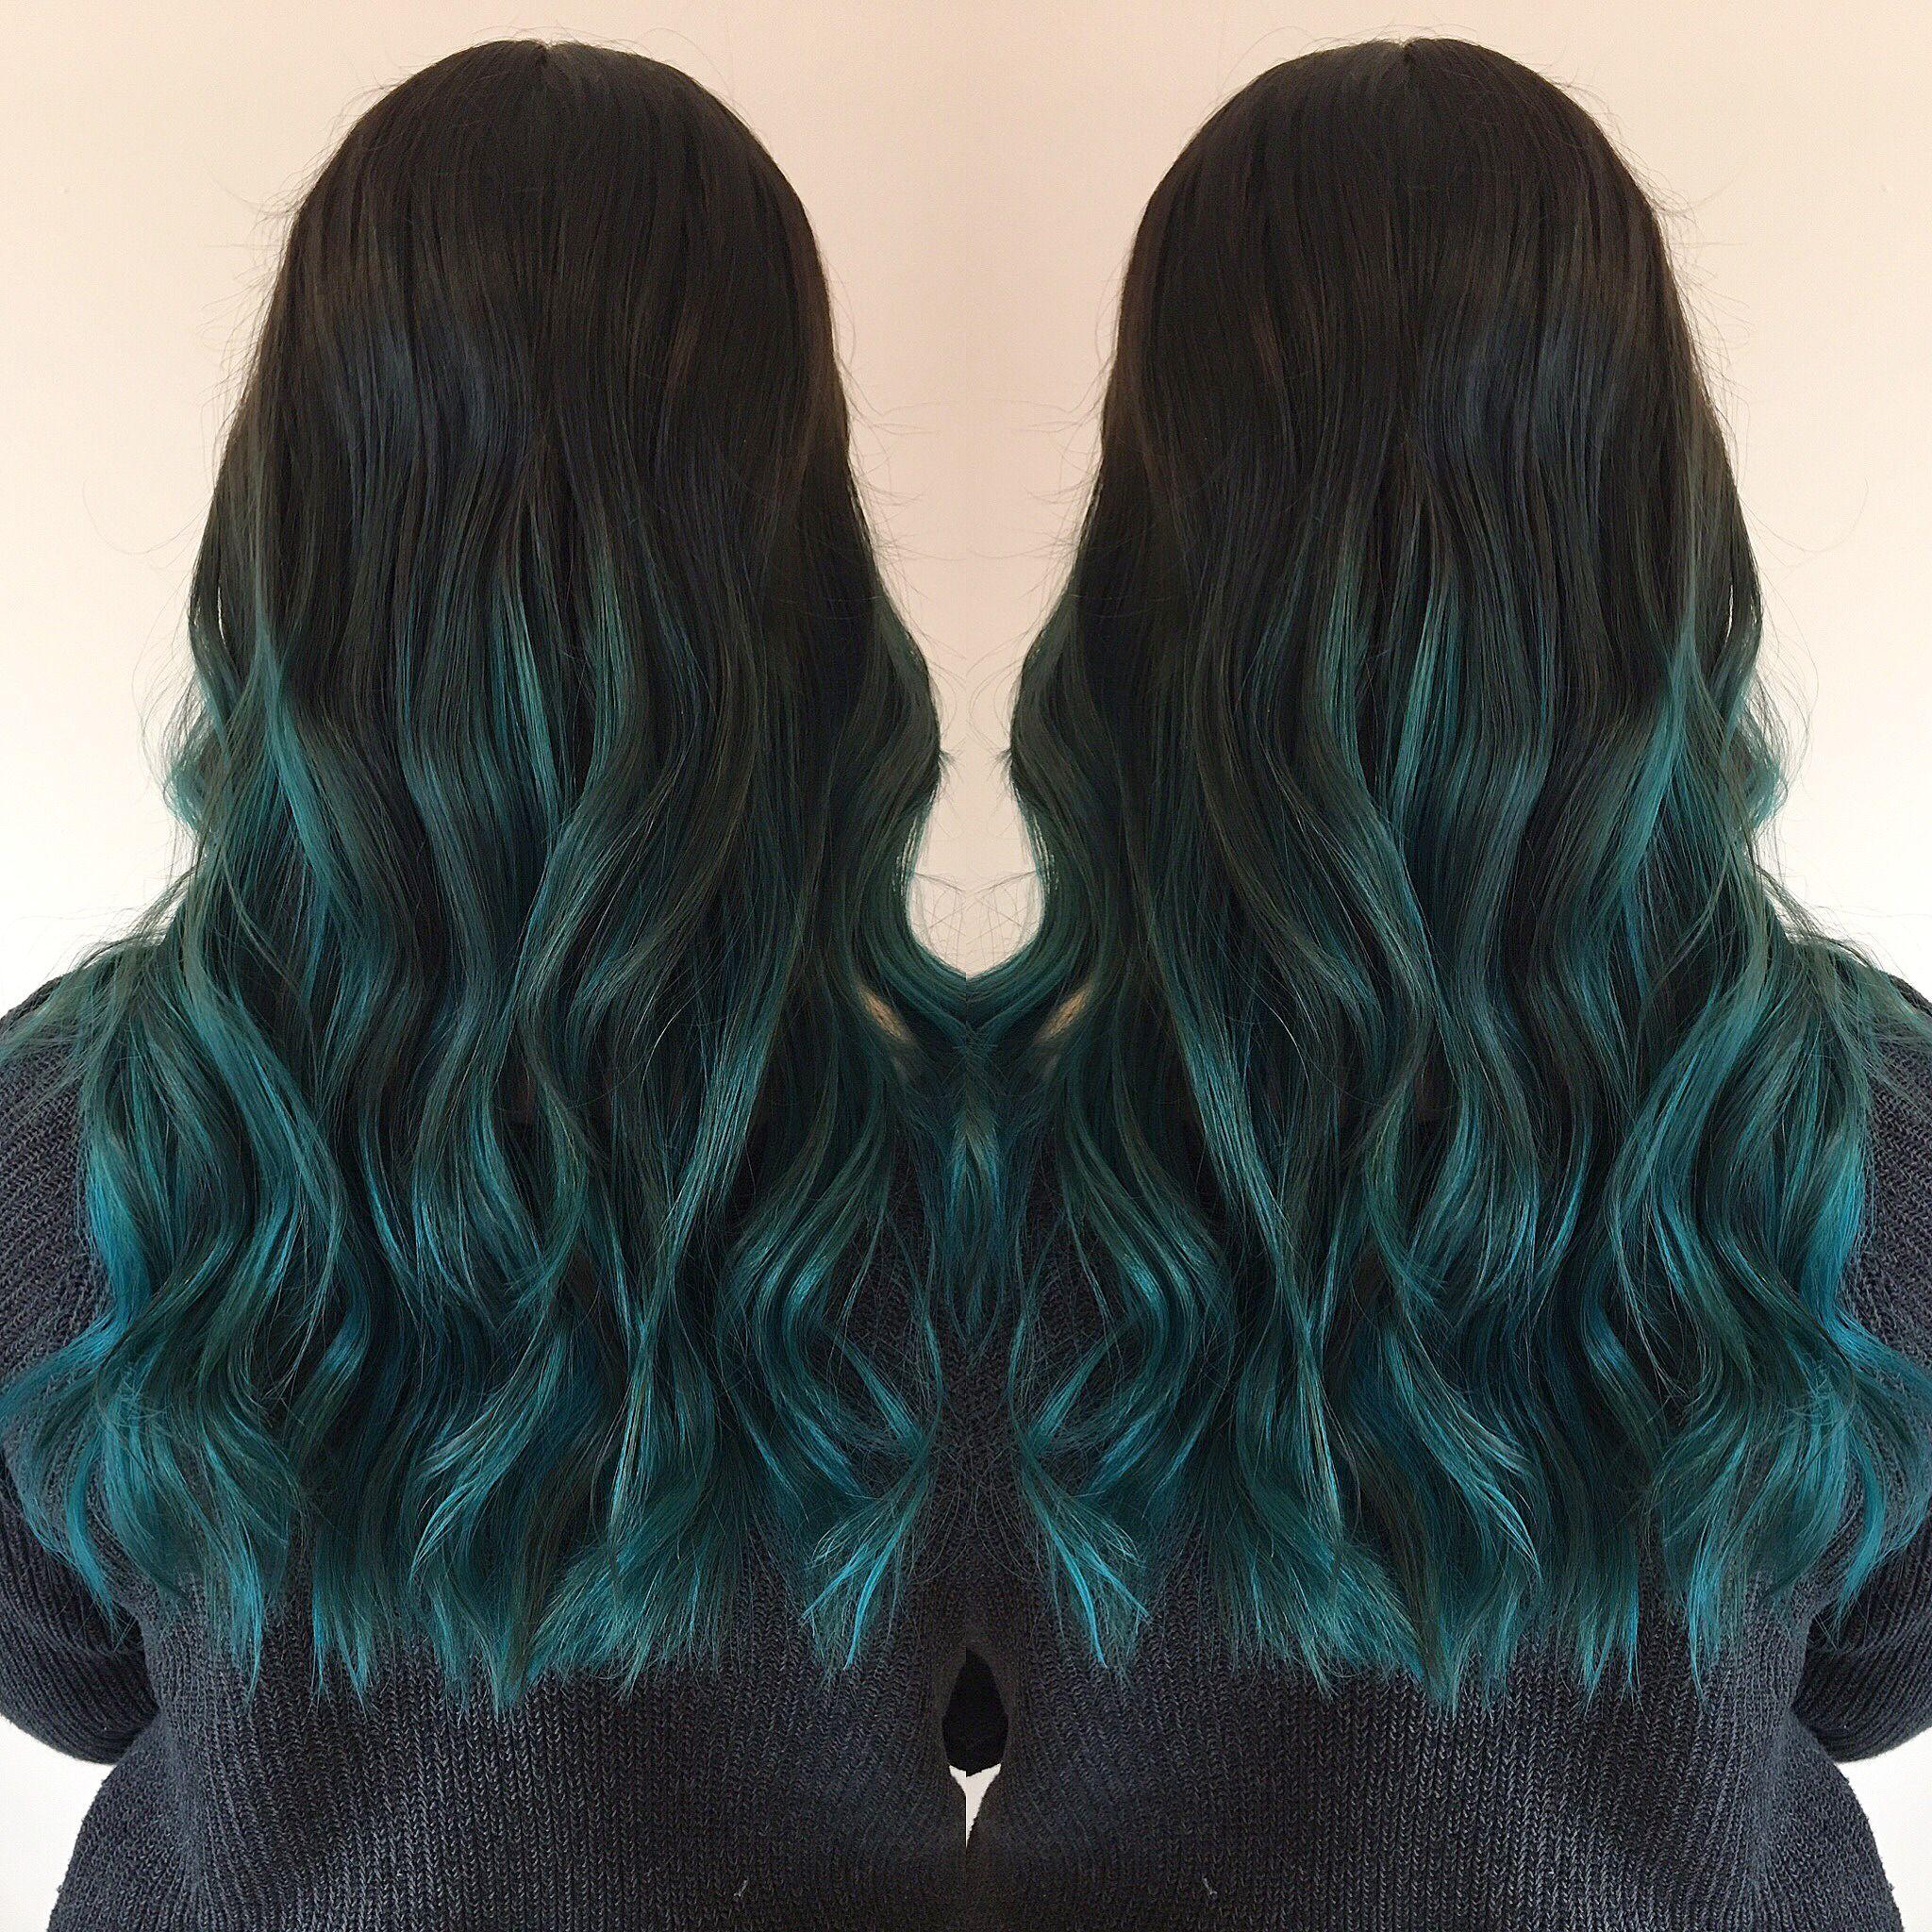 Blue Hair Balayage Haircut Hair Style Ombre Pravana Joico Teal